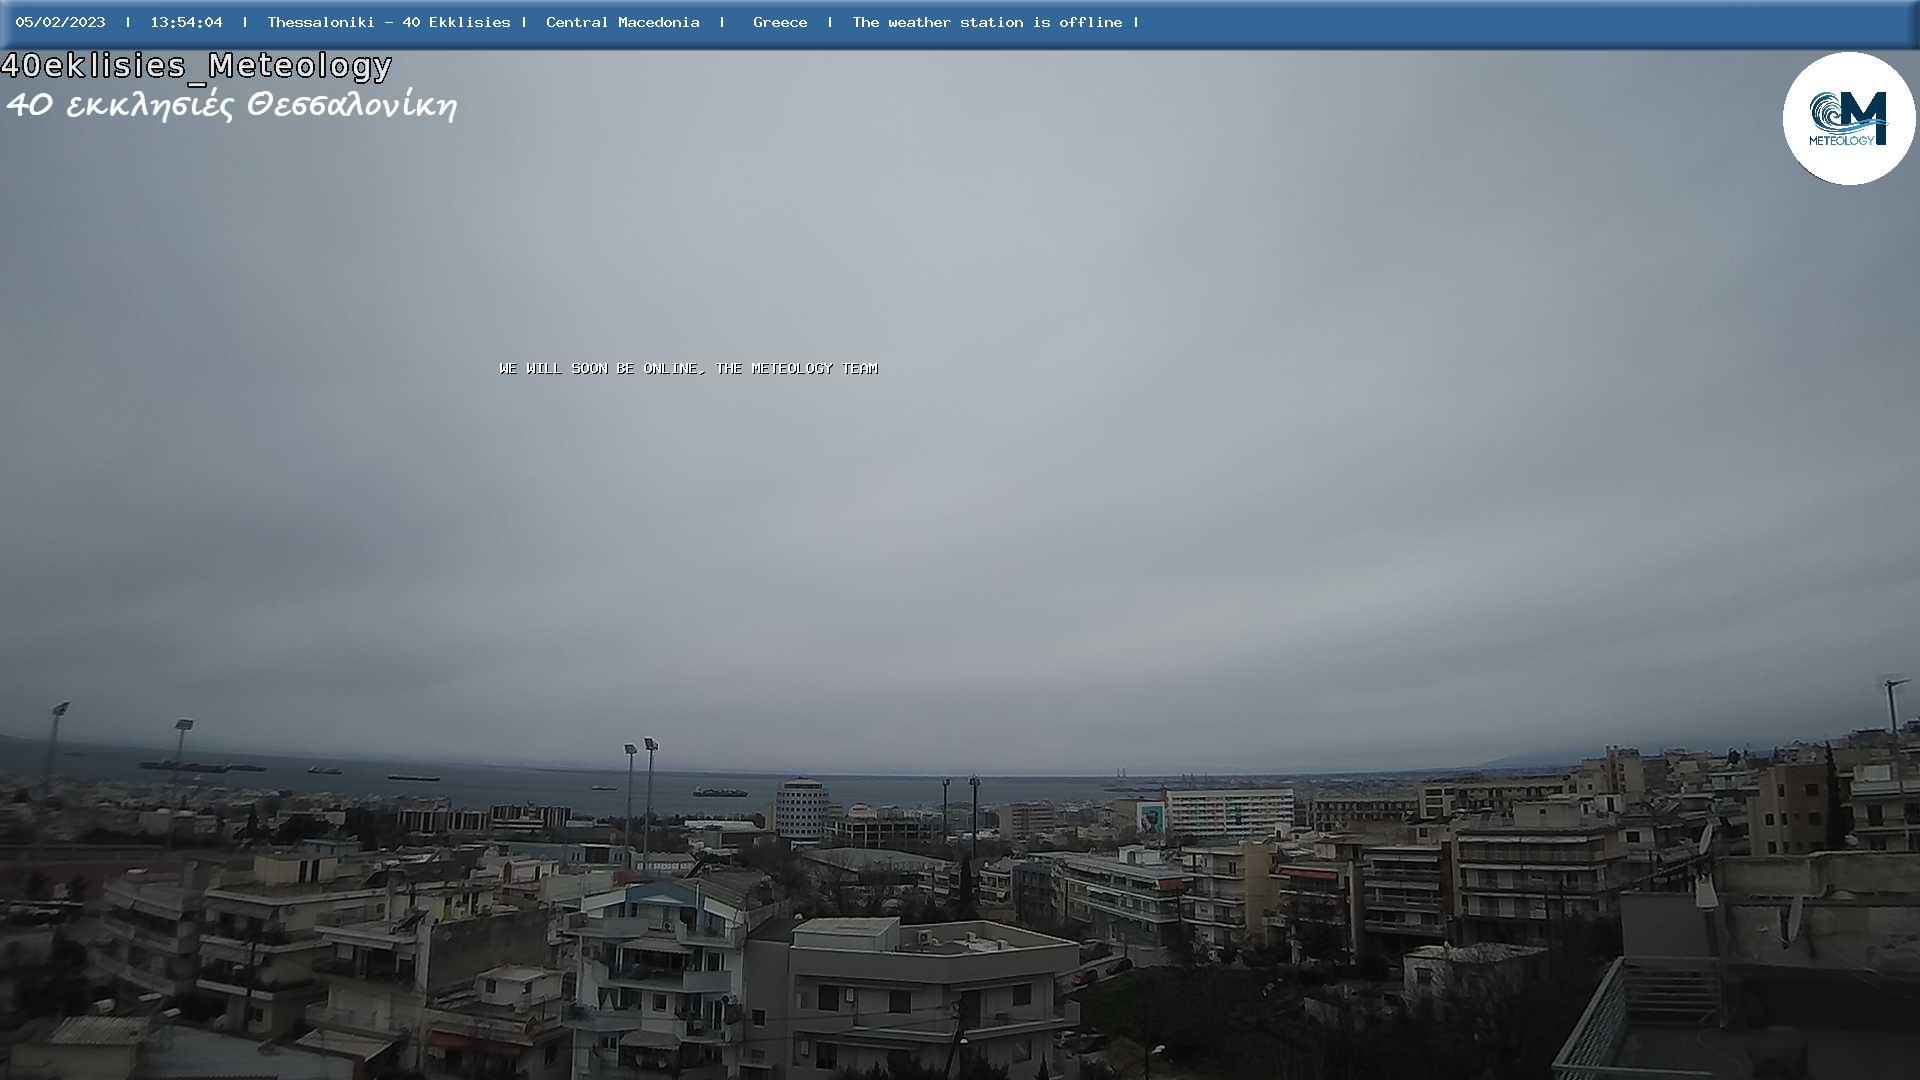 Webcam Θεσσαλονίκη - 40 Εκκλησιές